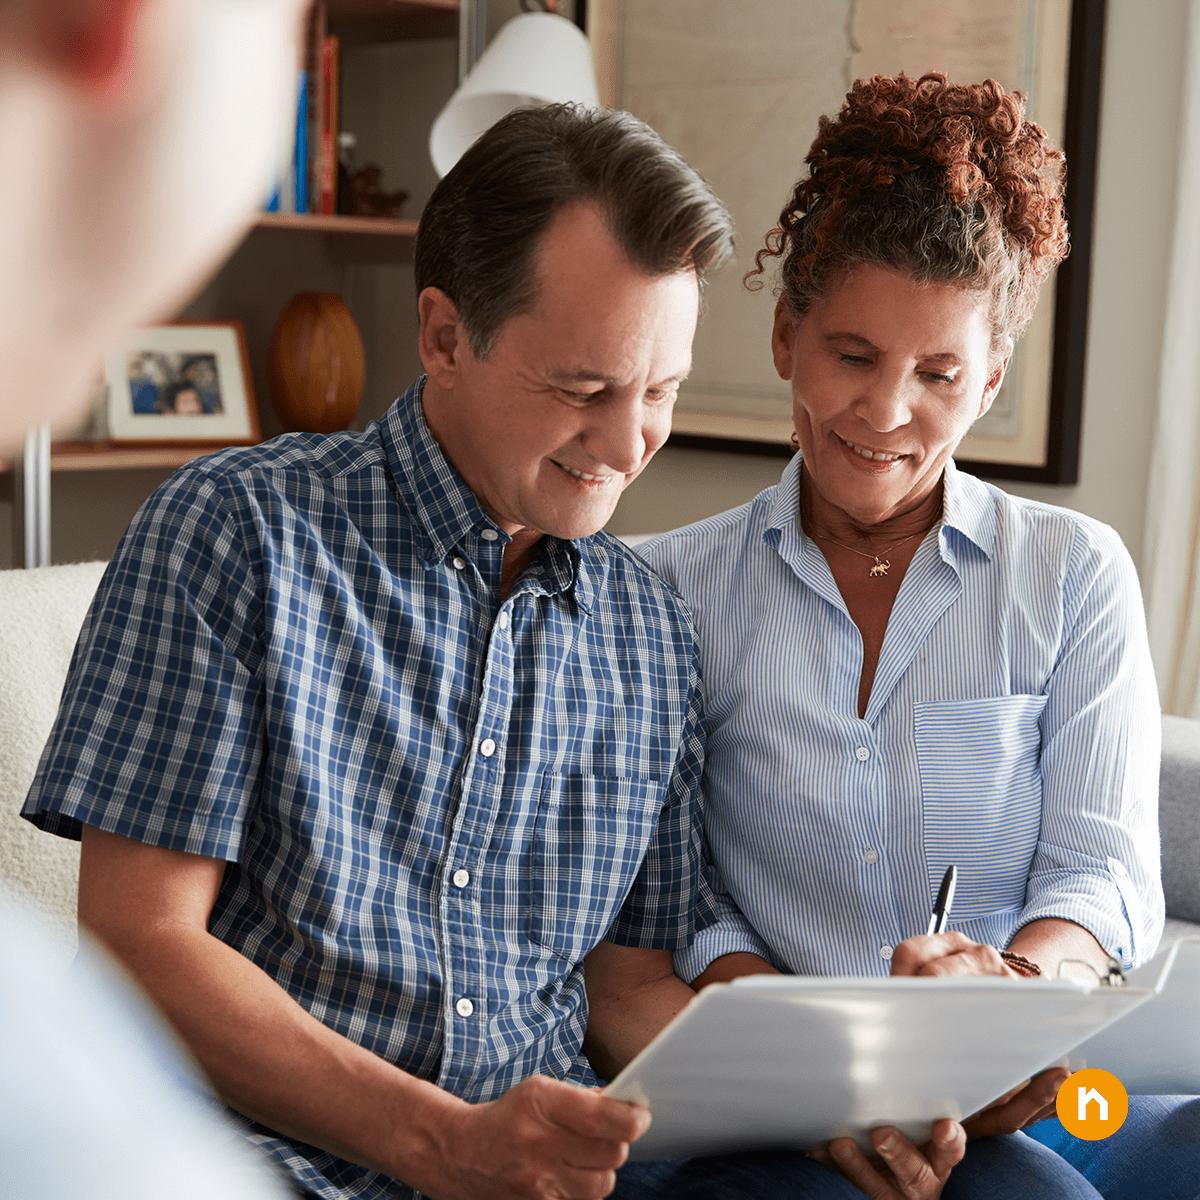 Erbschaftssteuer und Immobilienverrentung: Wissenswertes für die Nachkommen